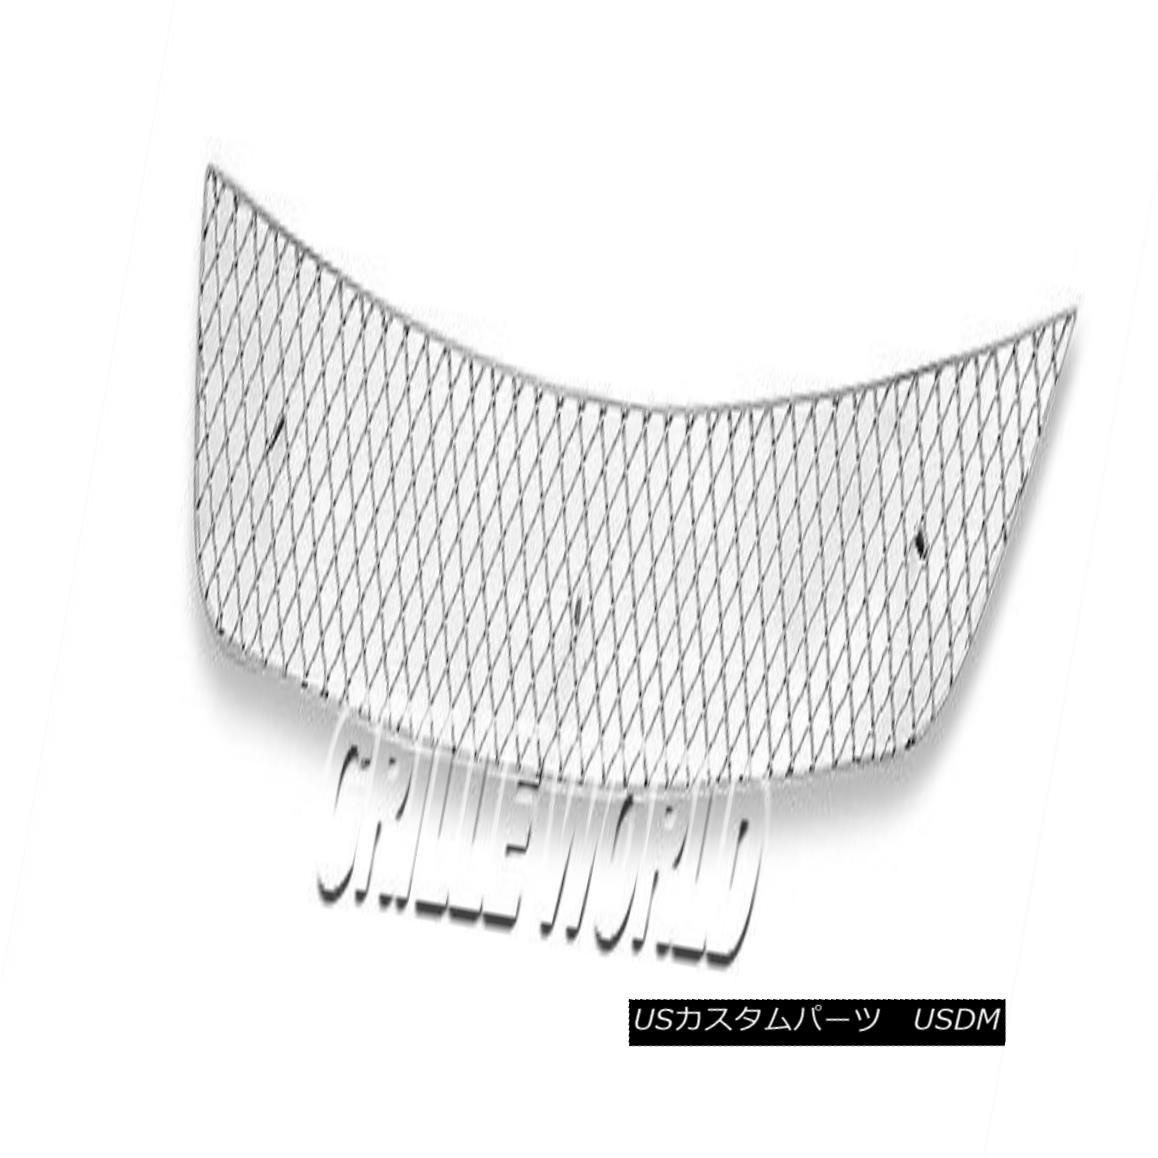 グリル For 2011-2015 Toyota Matrix Stainless Steel X Mesh Grille Insert 2011-2015トヨタマトリクスステンレス鋼Xメッシュグリルインサート